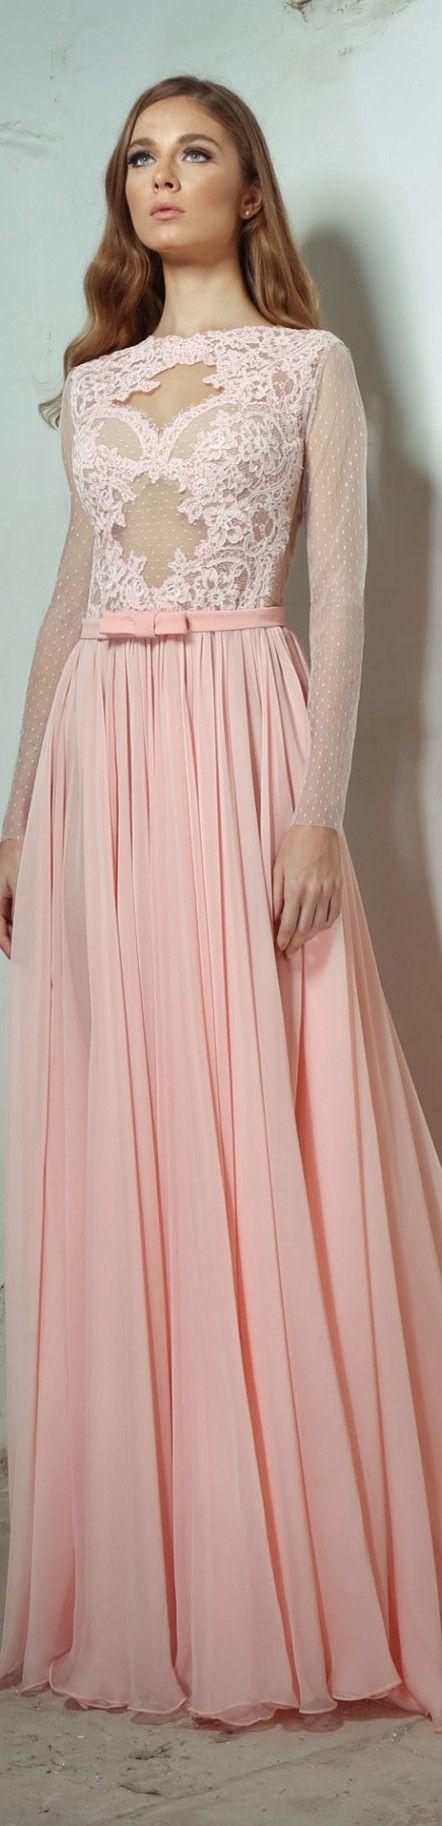 Mejores 32 imágenes de Wedding en Pinterest | Alta costura, Vestidos ...